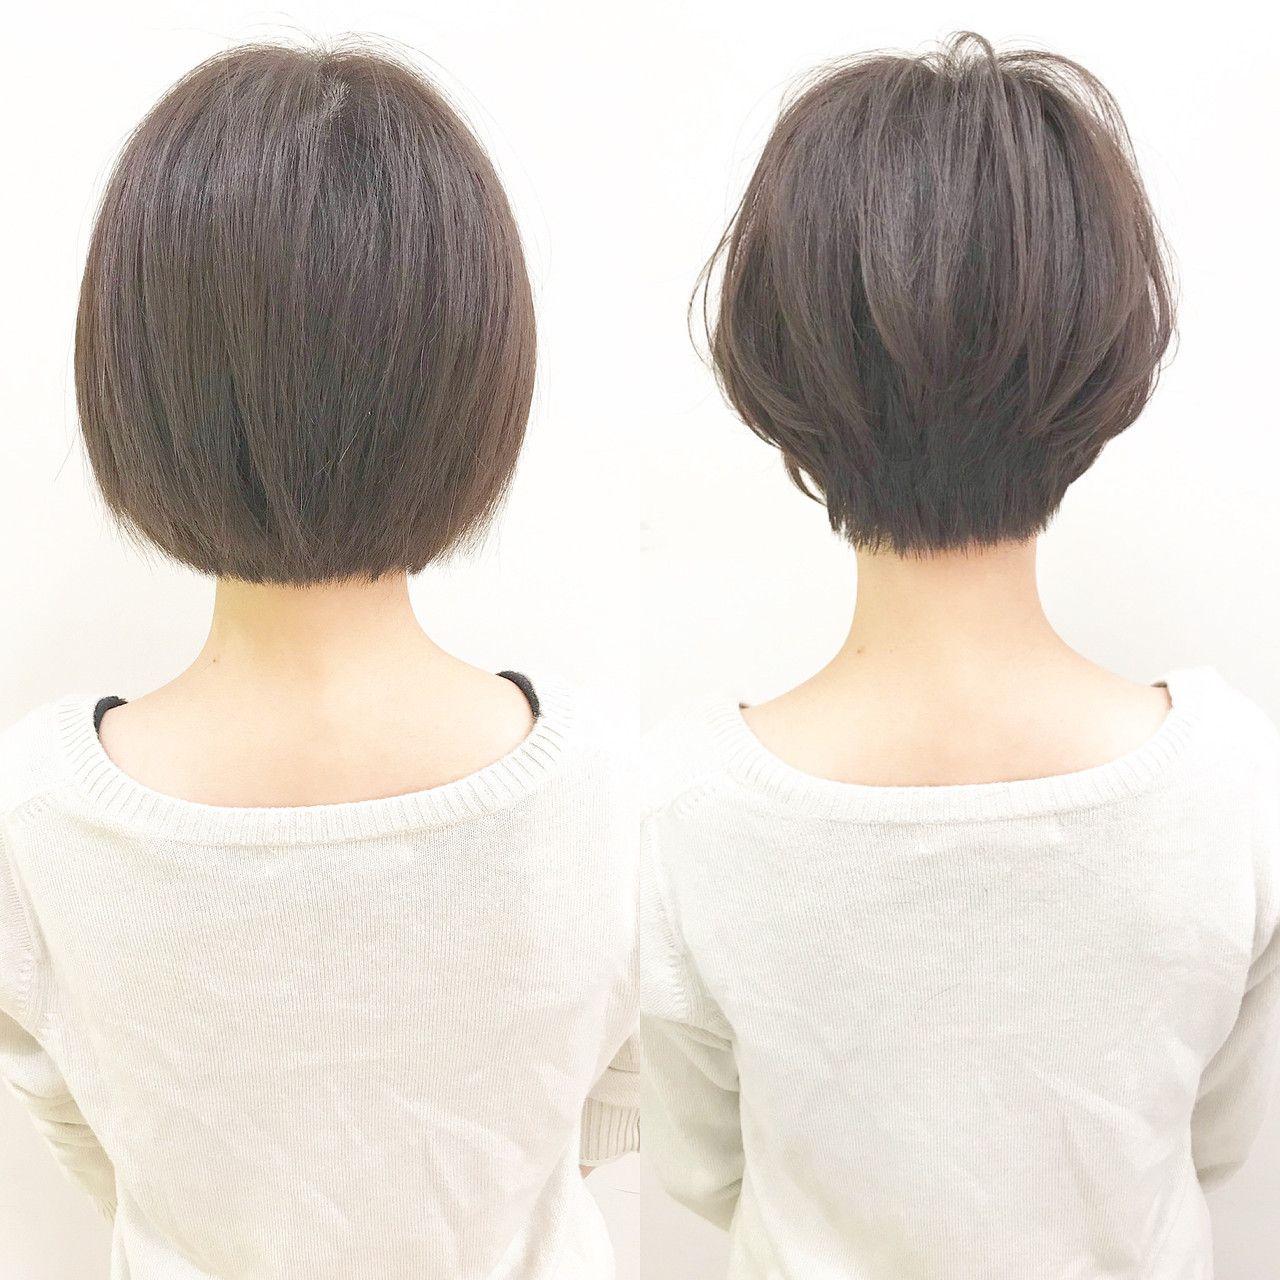 ナチュラル アウトドア ショート 黒髪×『send by HAIR』×ショートヘア美容師 #ナカイヒ